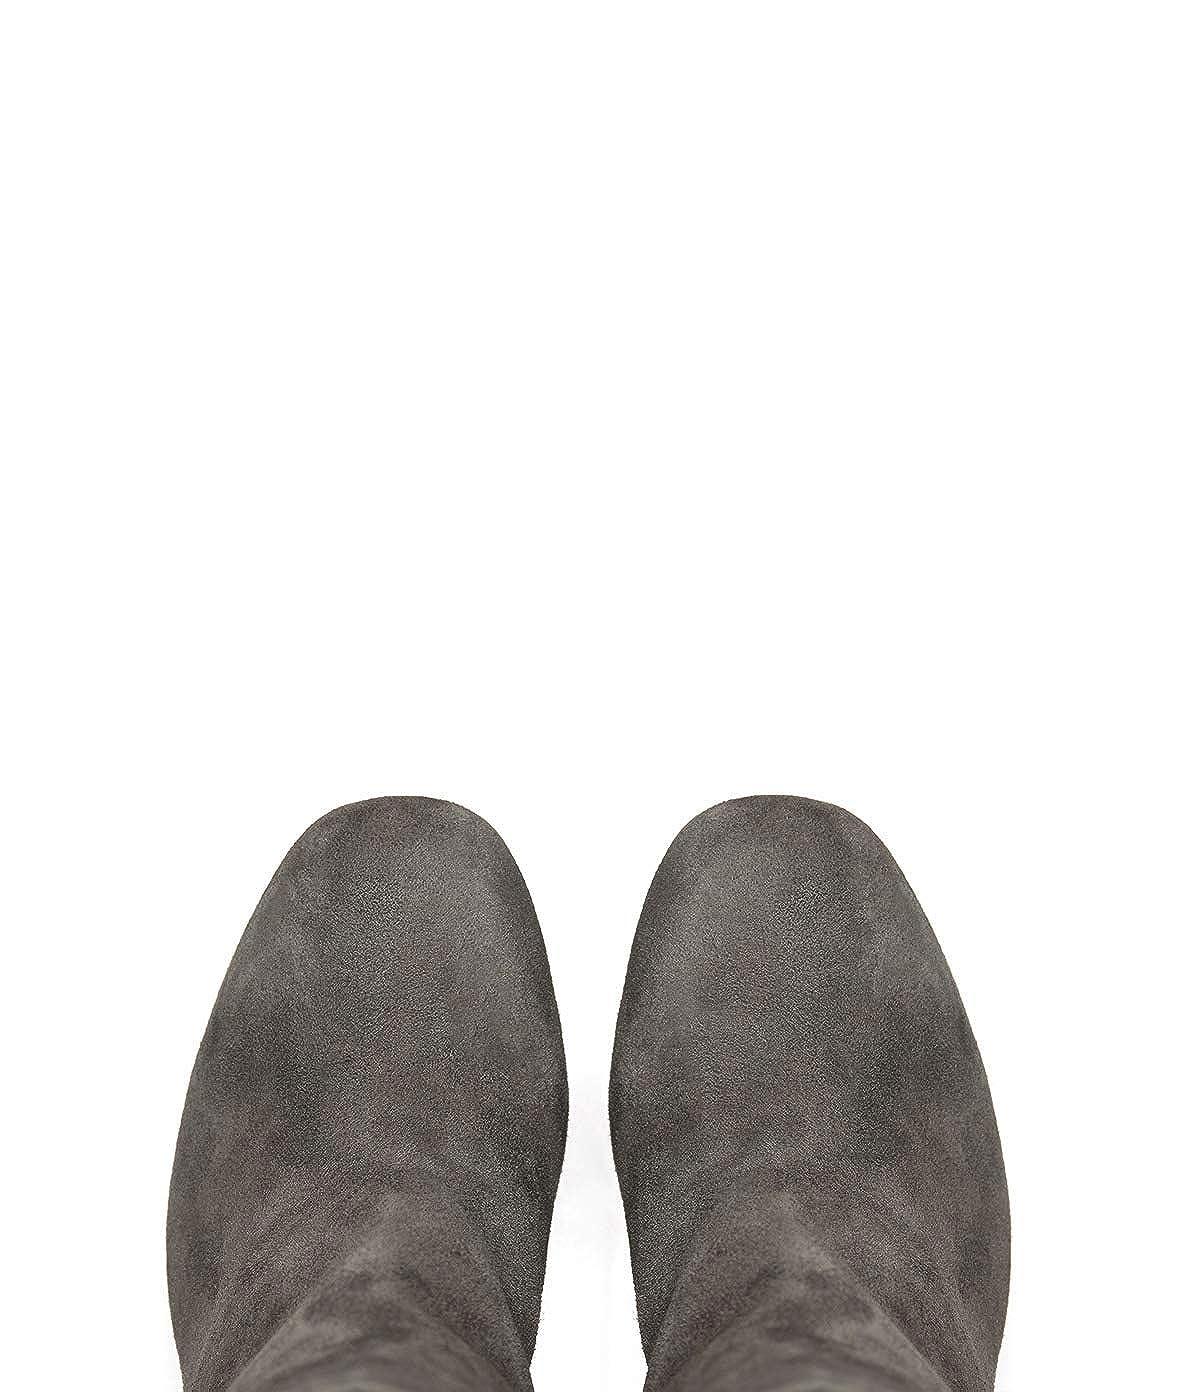 Poi Taupe Lei Damen-Schuhe Plateaustiefeletten Tara Taupe Poi Blockabsatz Veloursleder 274a26